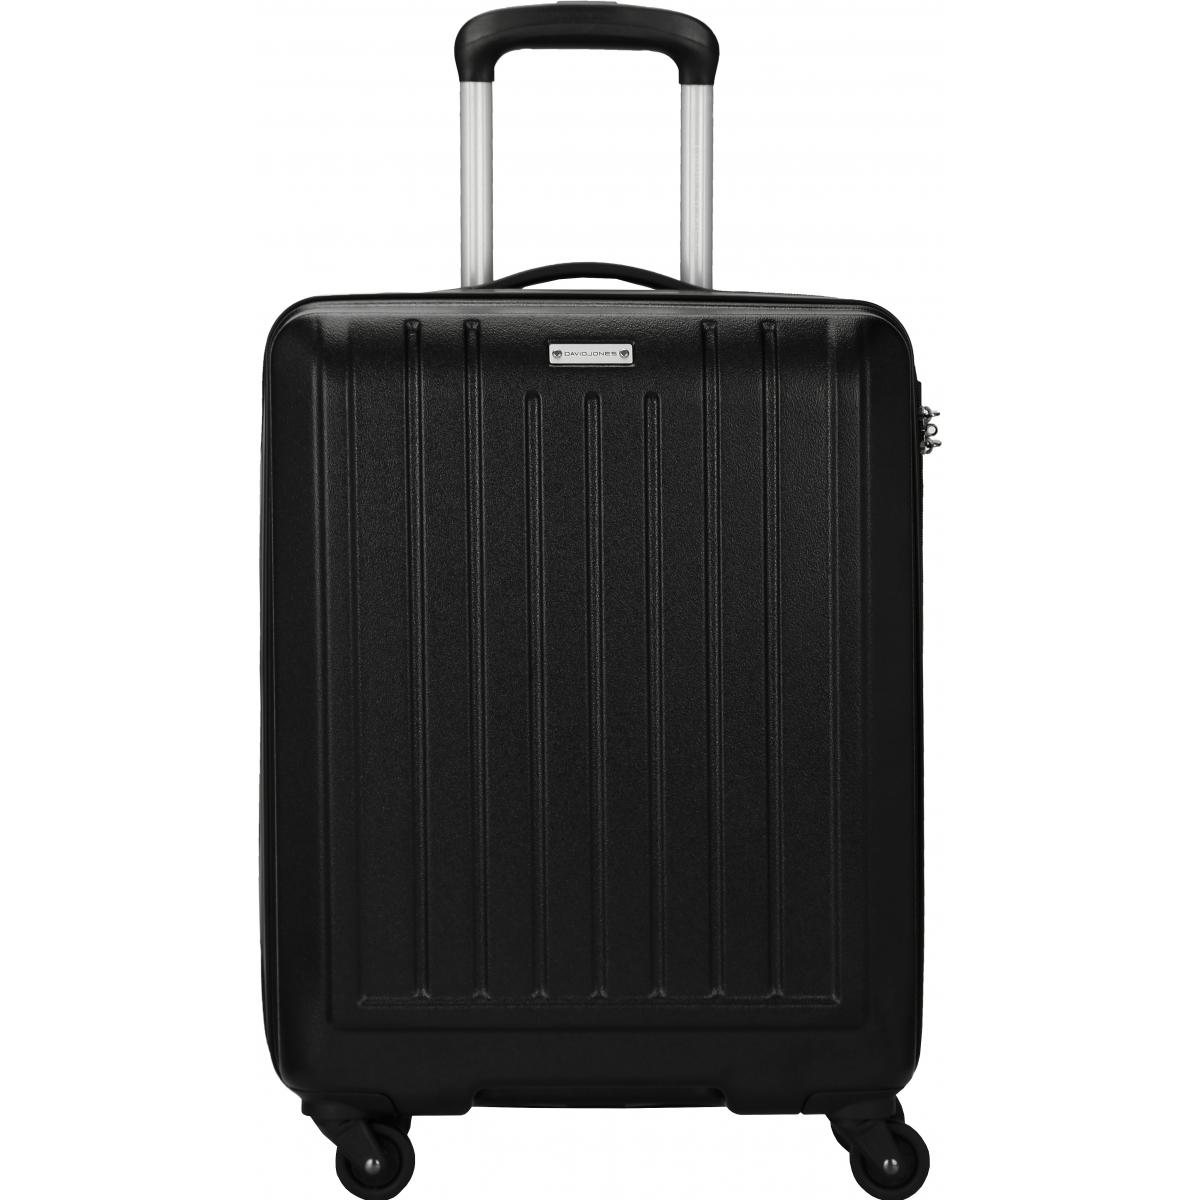 valise cabine rigide david jones 55 cm ba10151p noir couleur principale black valise pas. Black Bedroom Furniture Sets. Home Design Ideas